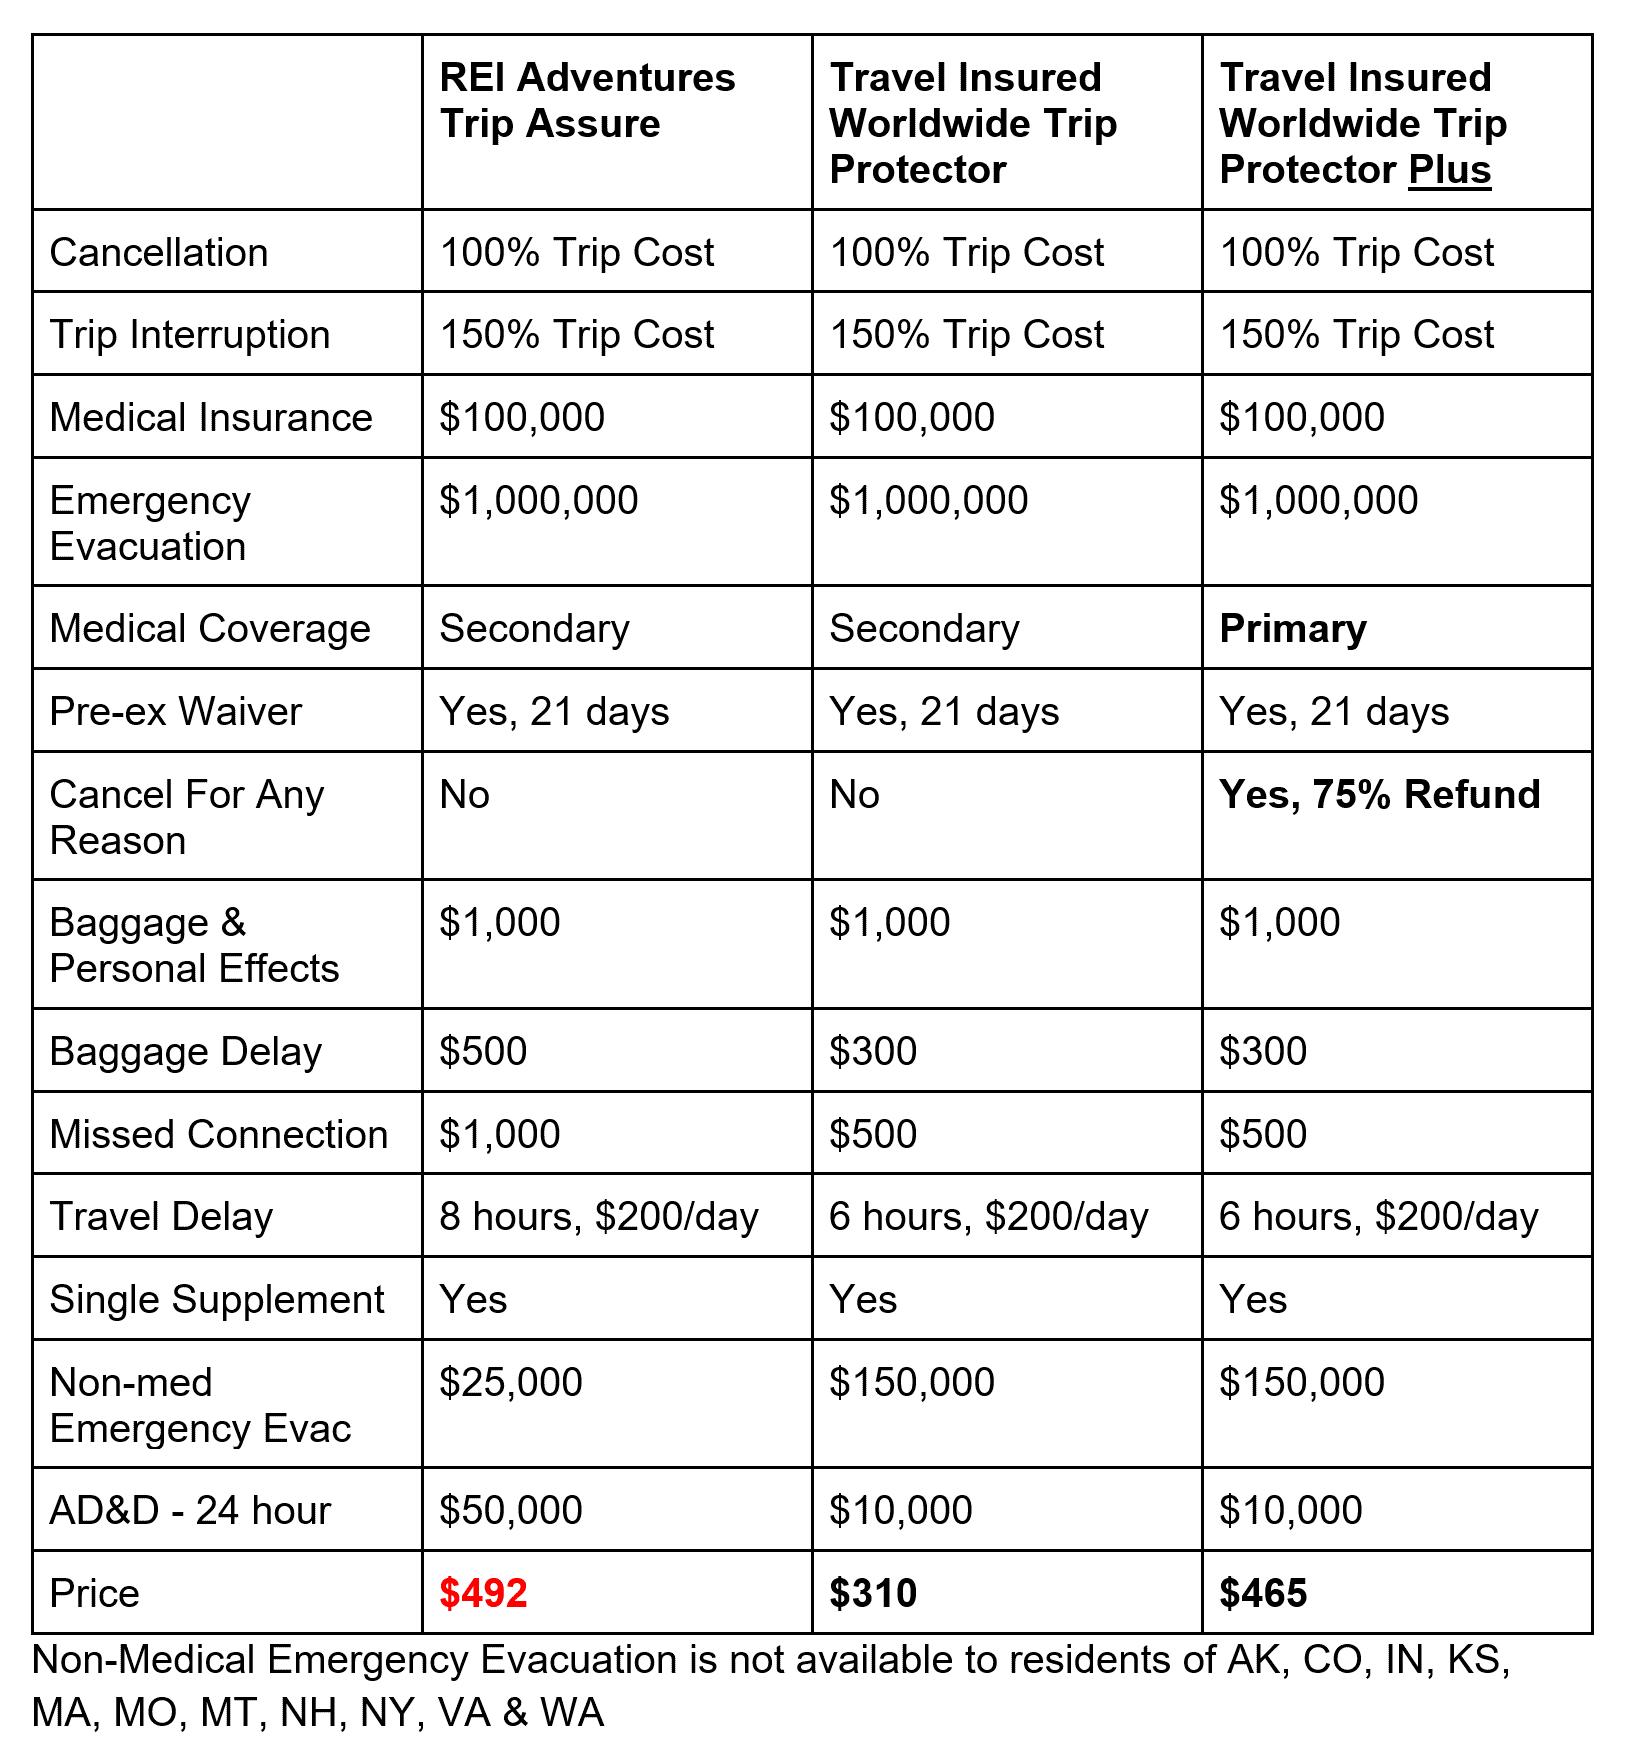 REI-Adventures-Comparison | AardvarkCompare.com